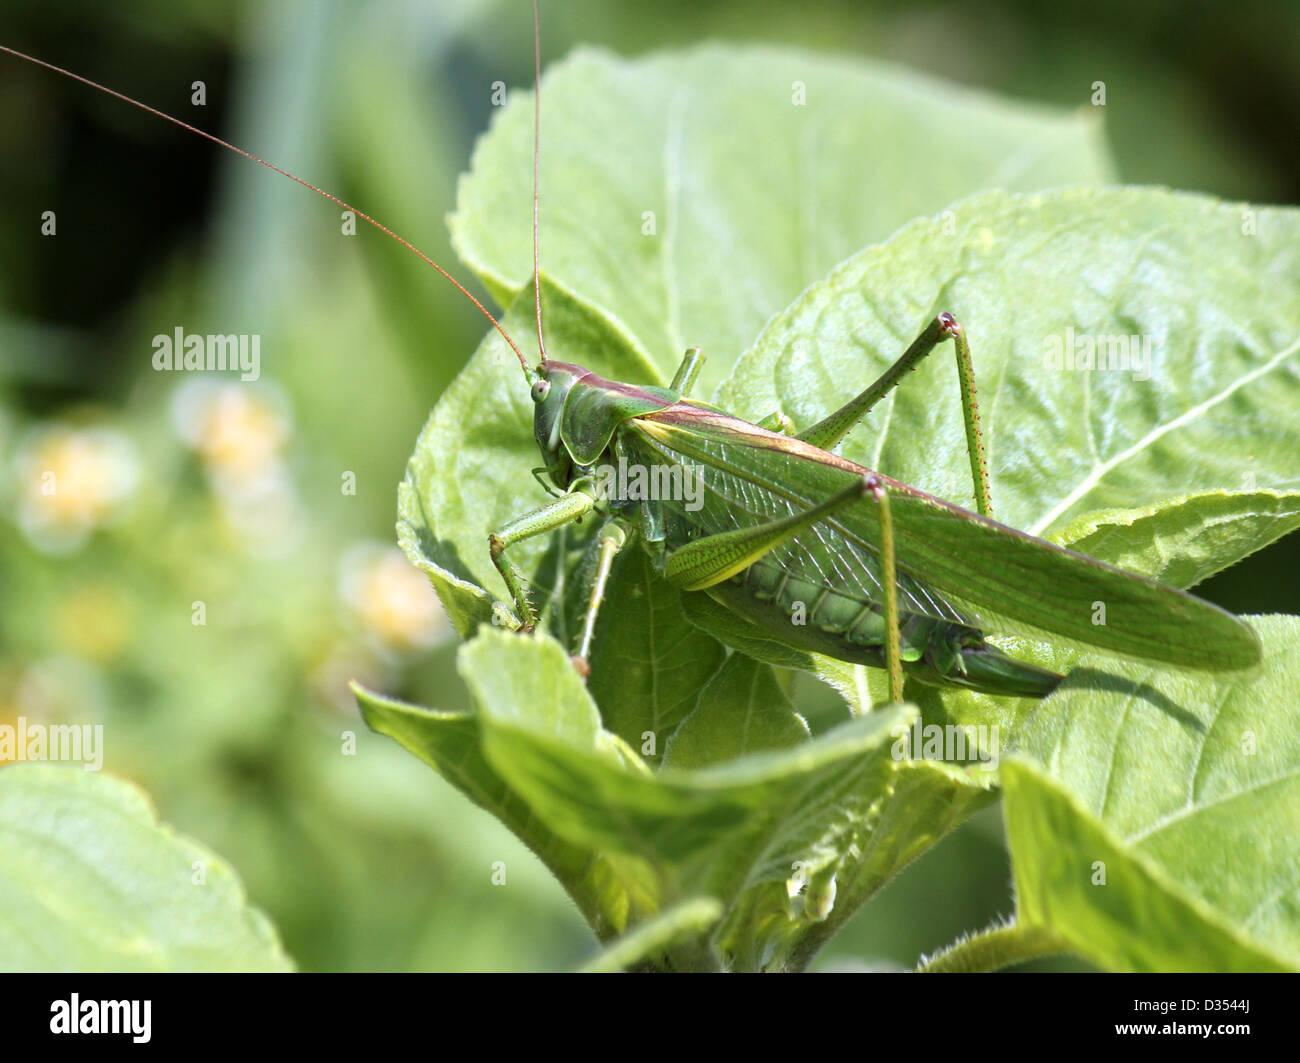 Detaillierte Makro eine große Green Bush Cricket (Tettigonia Viridissima) Stockbild